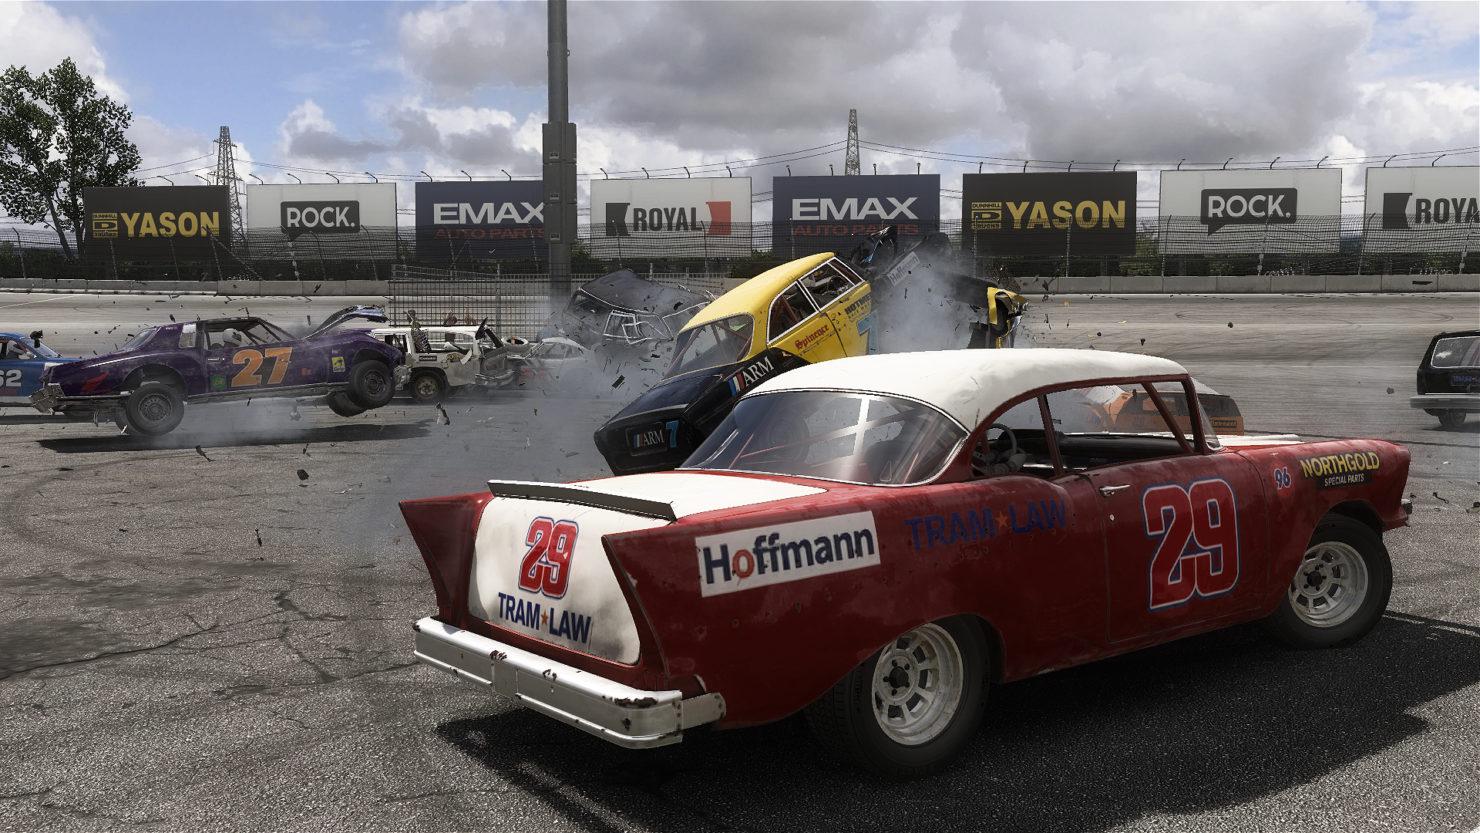 تخریب ماشینها در جادهی موفقیت | نقدها و نمرات بازی Wreckfest منتشر شد